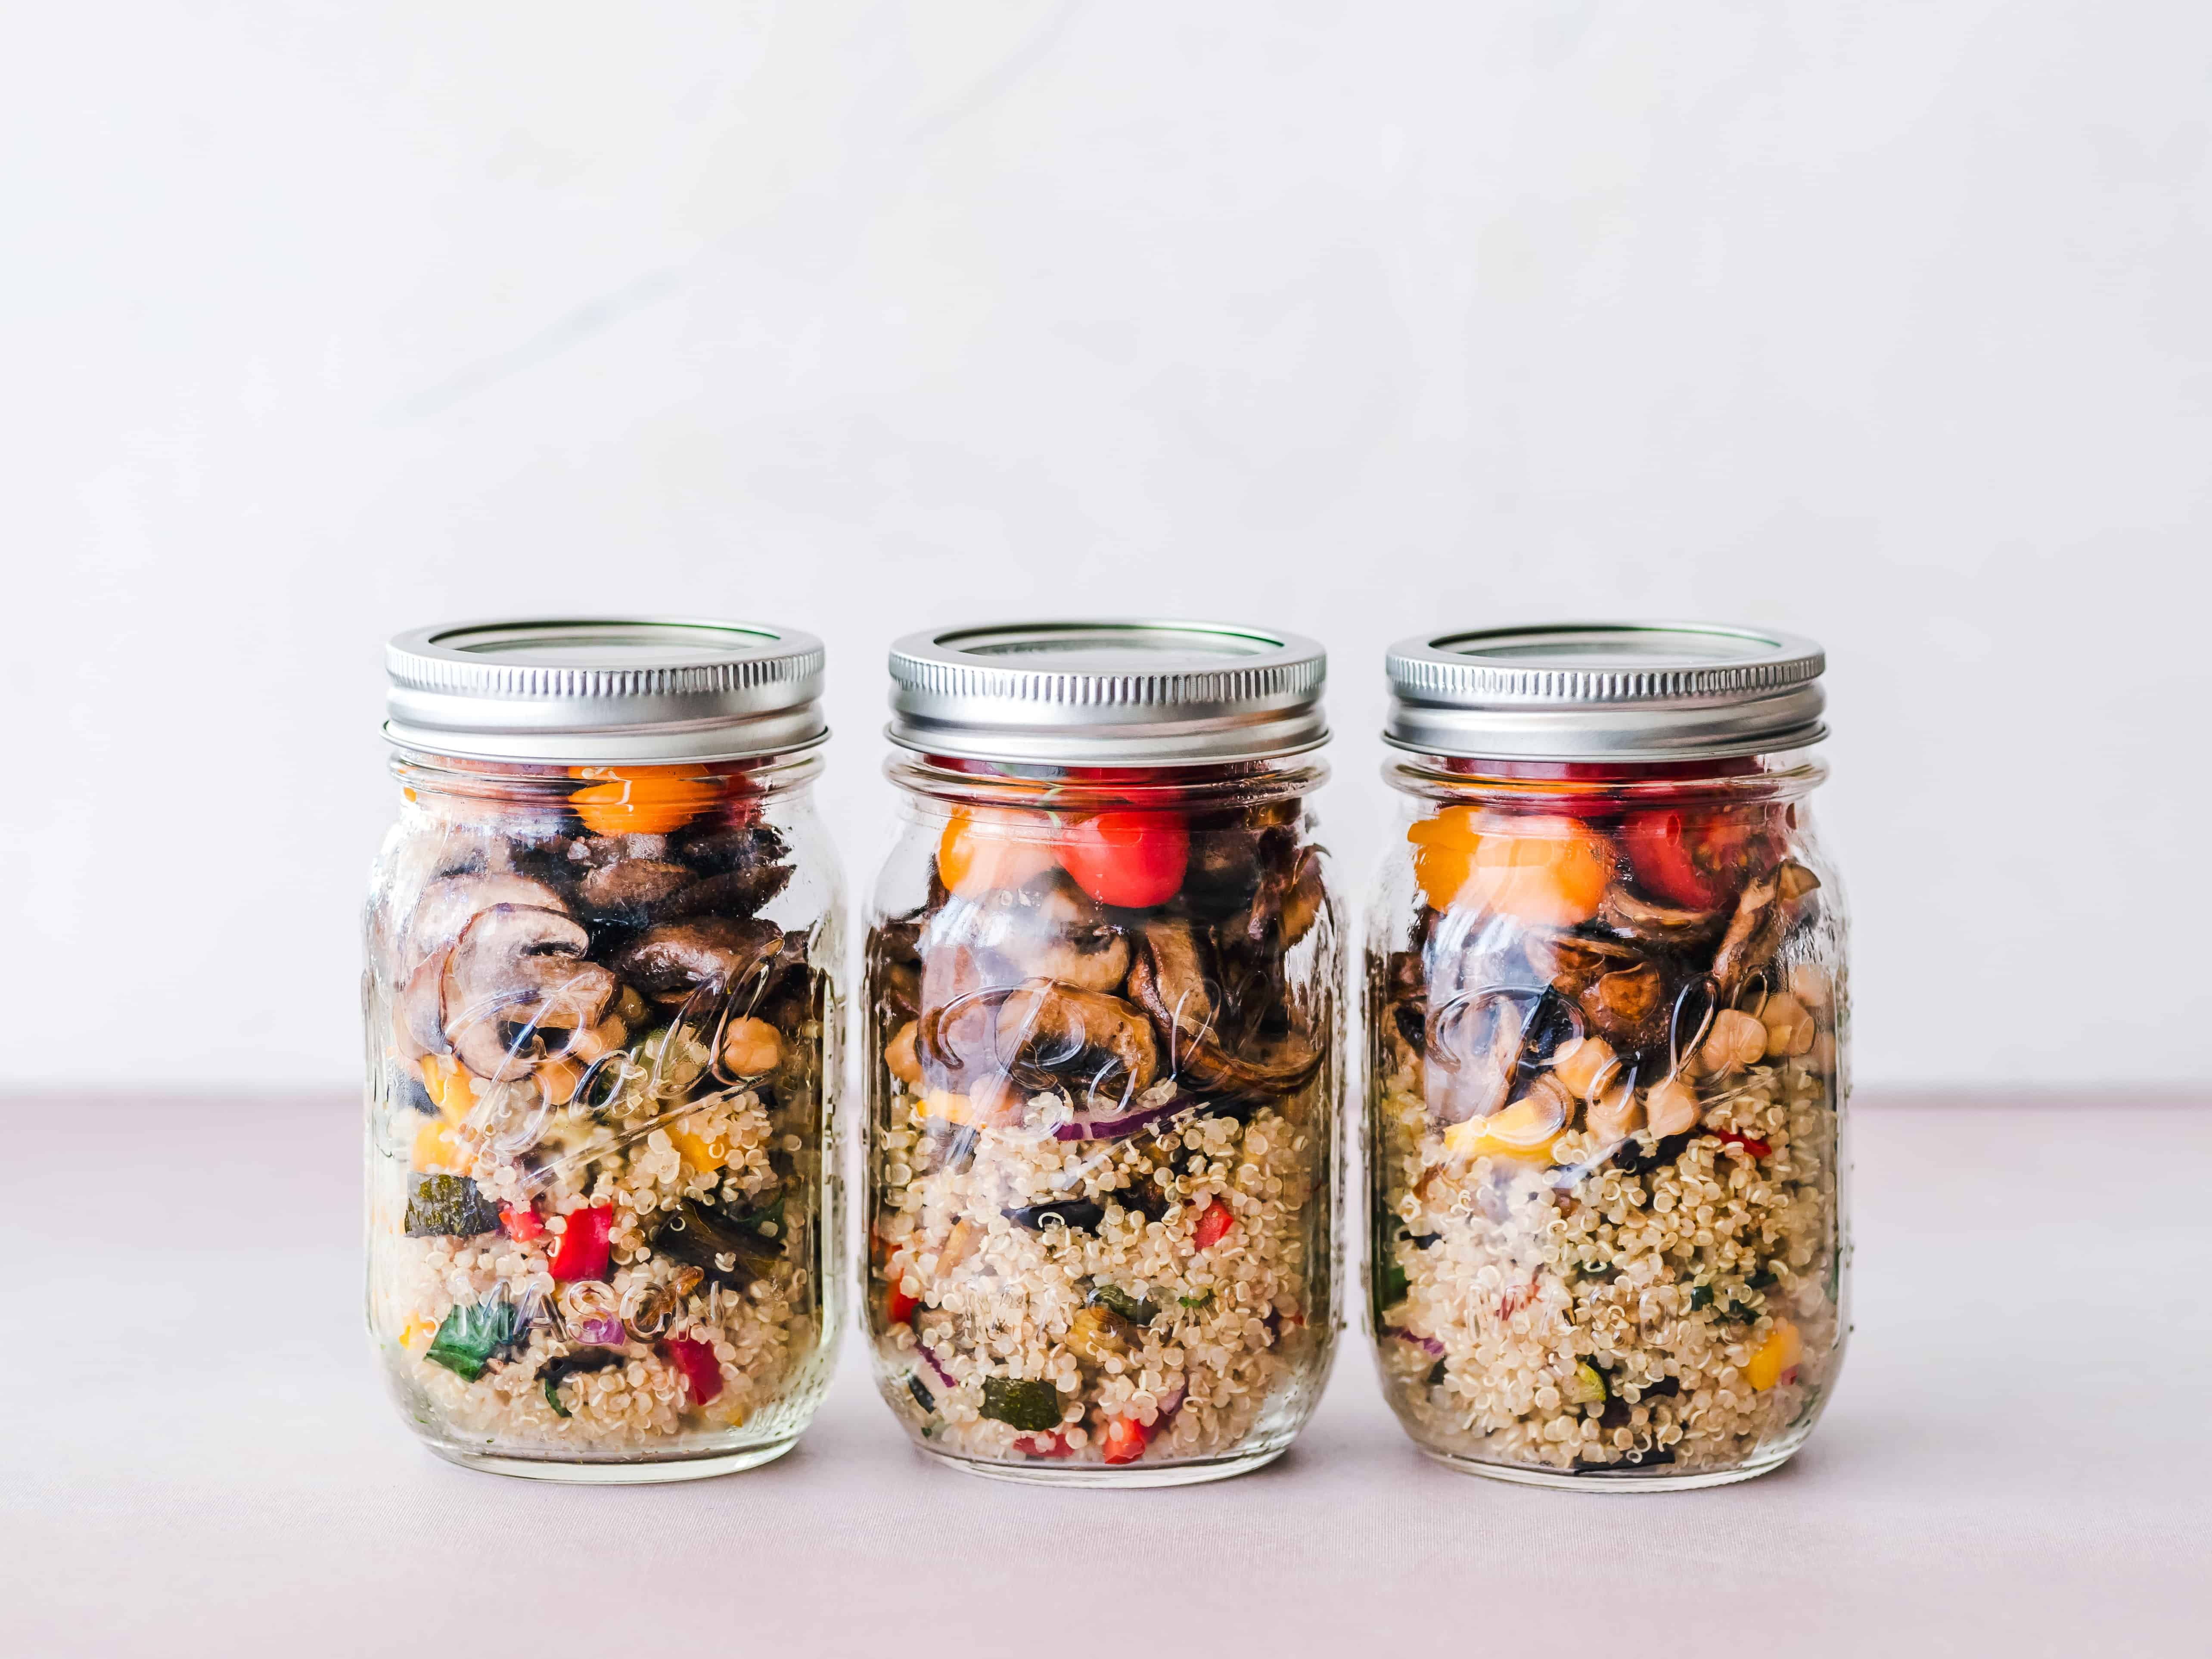 Quinoa | Proprietà Nutrizionali, Benefici e Dosaggio